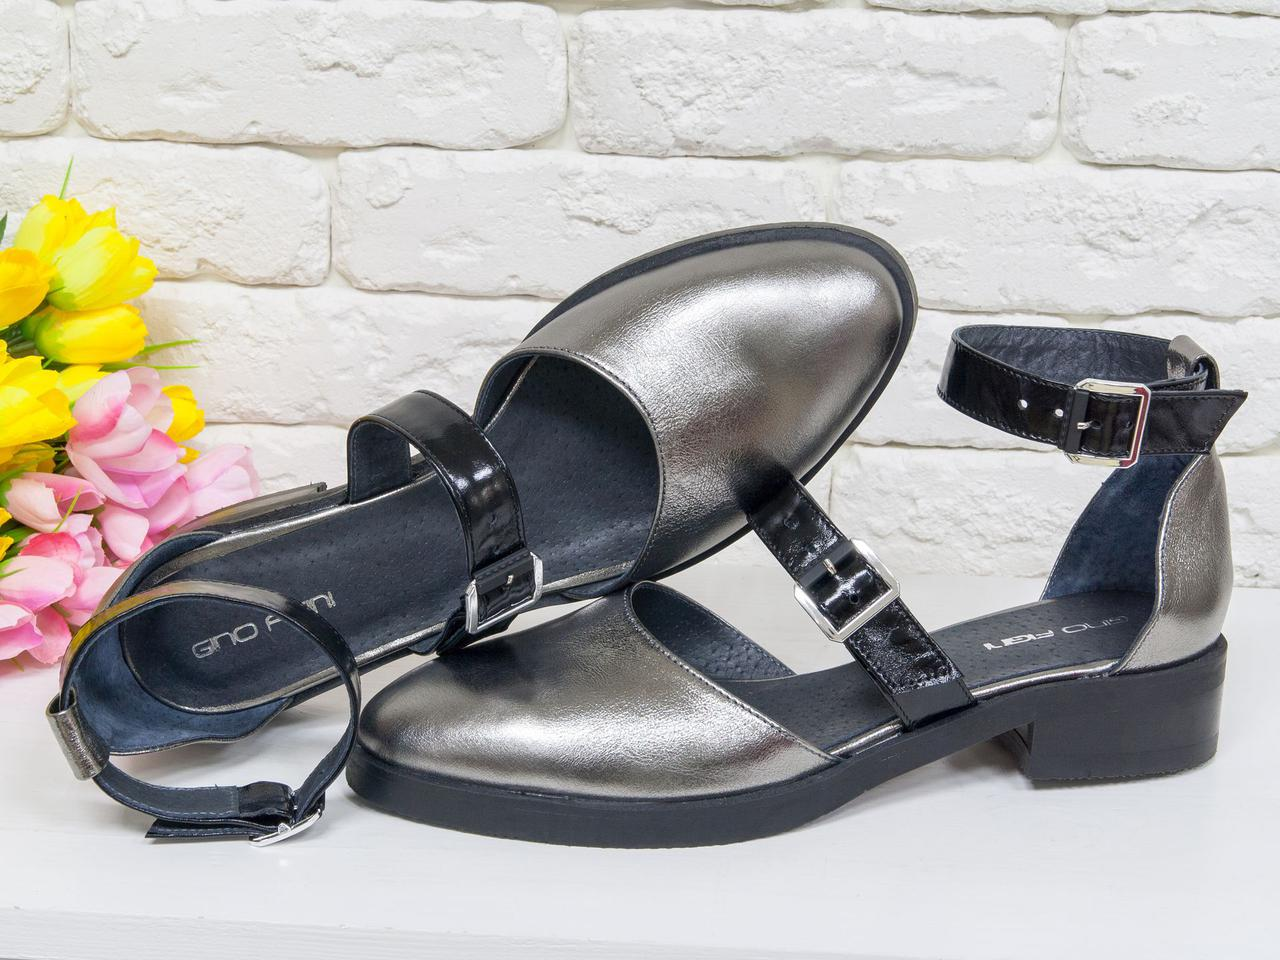 Стильные кожаные туфли цвета никель с ремешками черного цвета из лаковой кожи